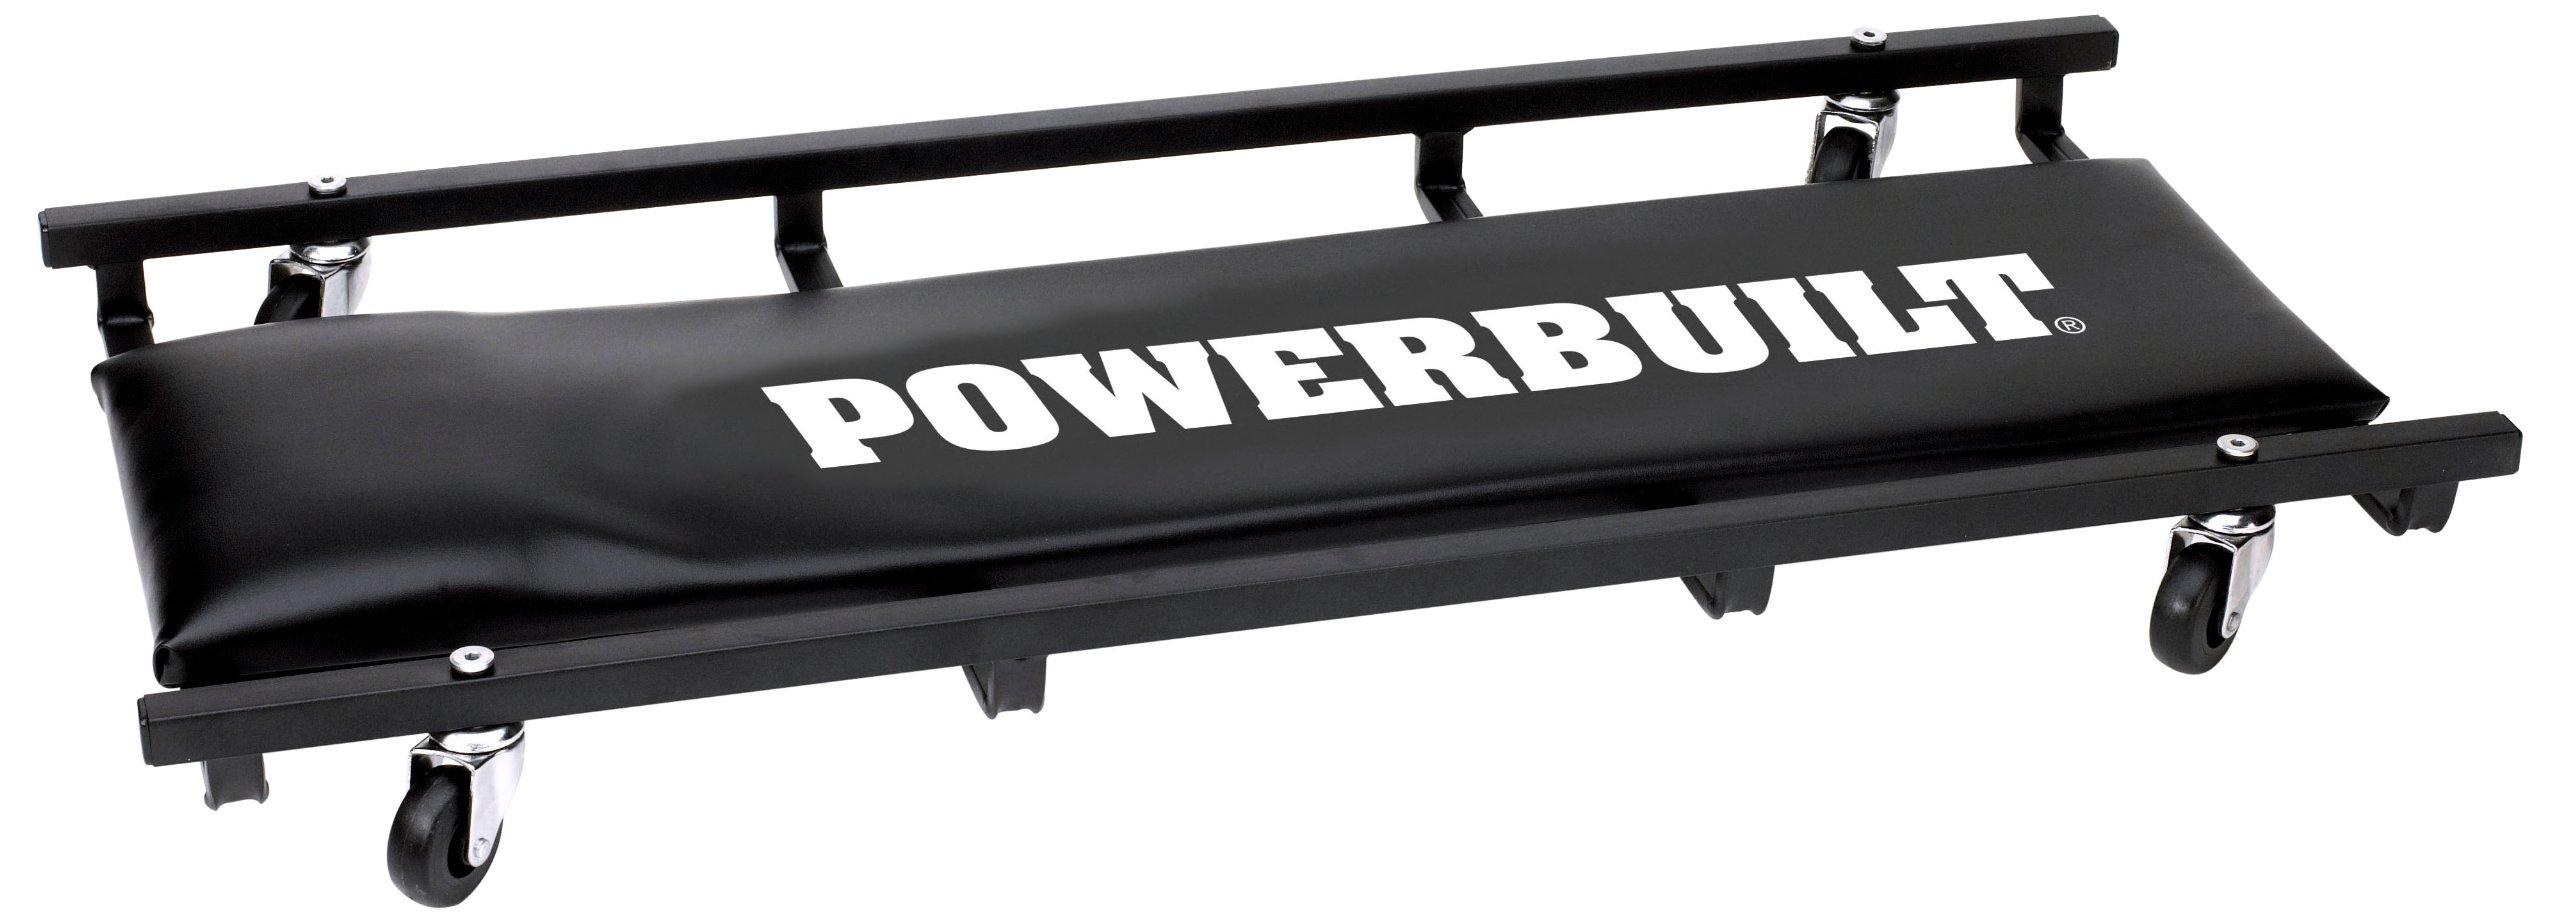 Alltrade Powerbuilt 640940 36'' Floor Creeper